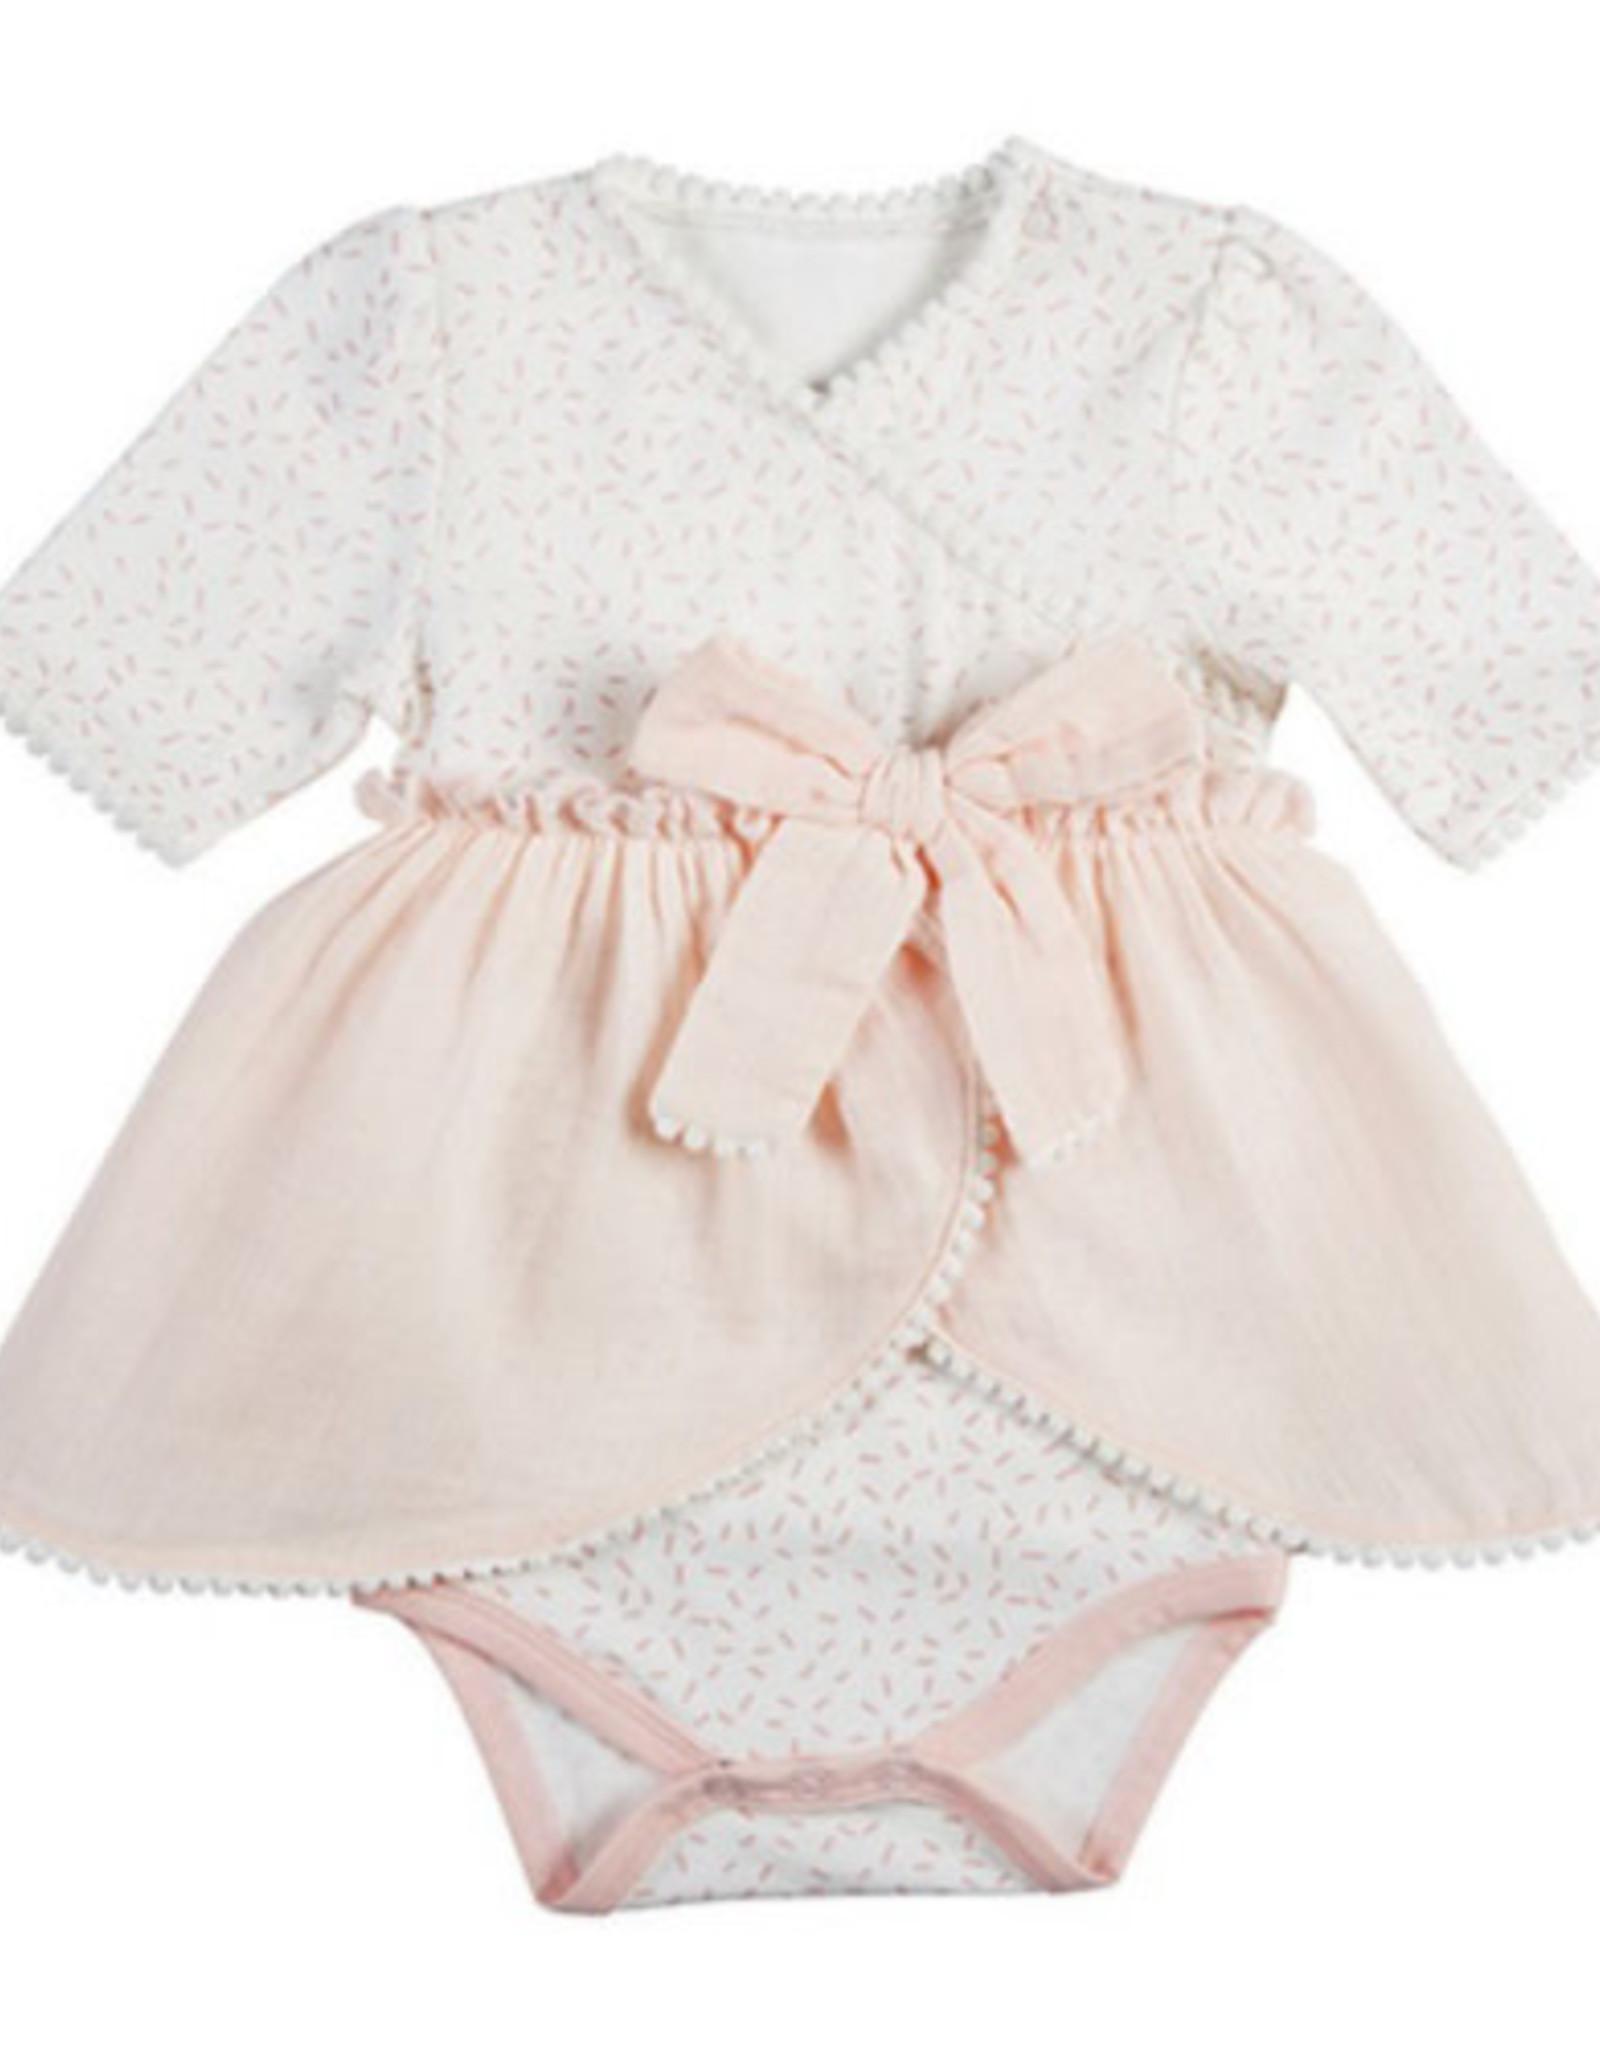 Creative Brands Mini Pom Dress